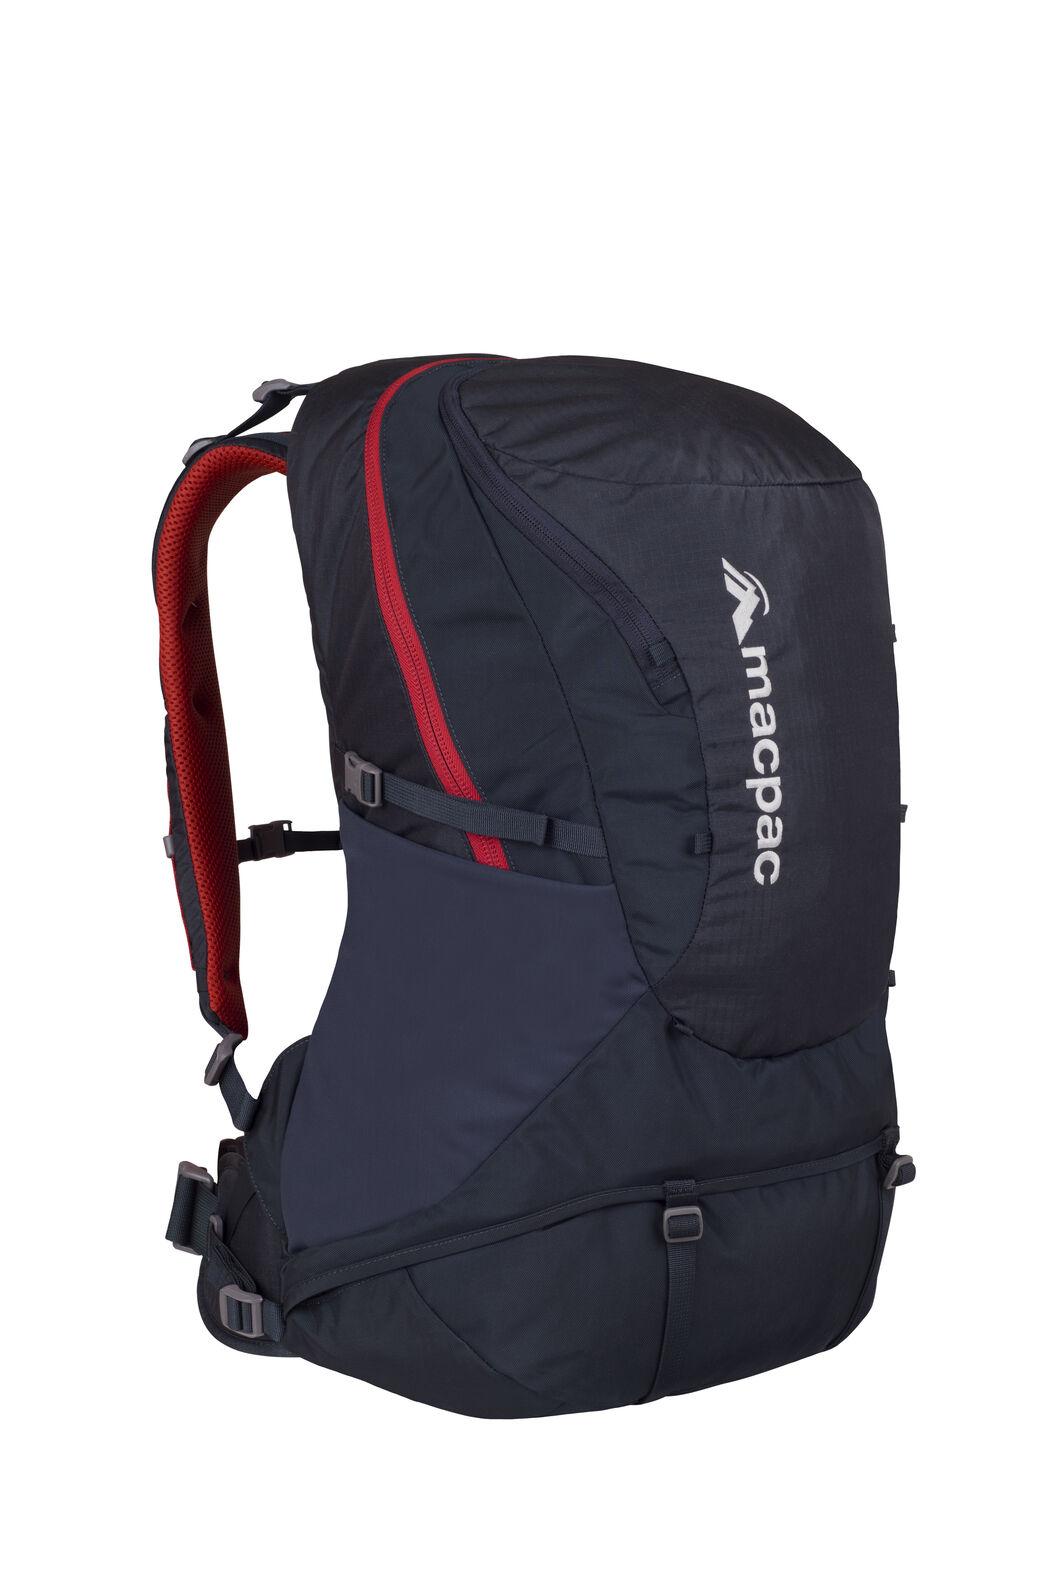 Macpac Voyager 35L 1.1 Pack, Carbon, hi-res